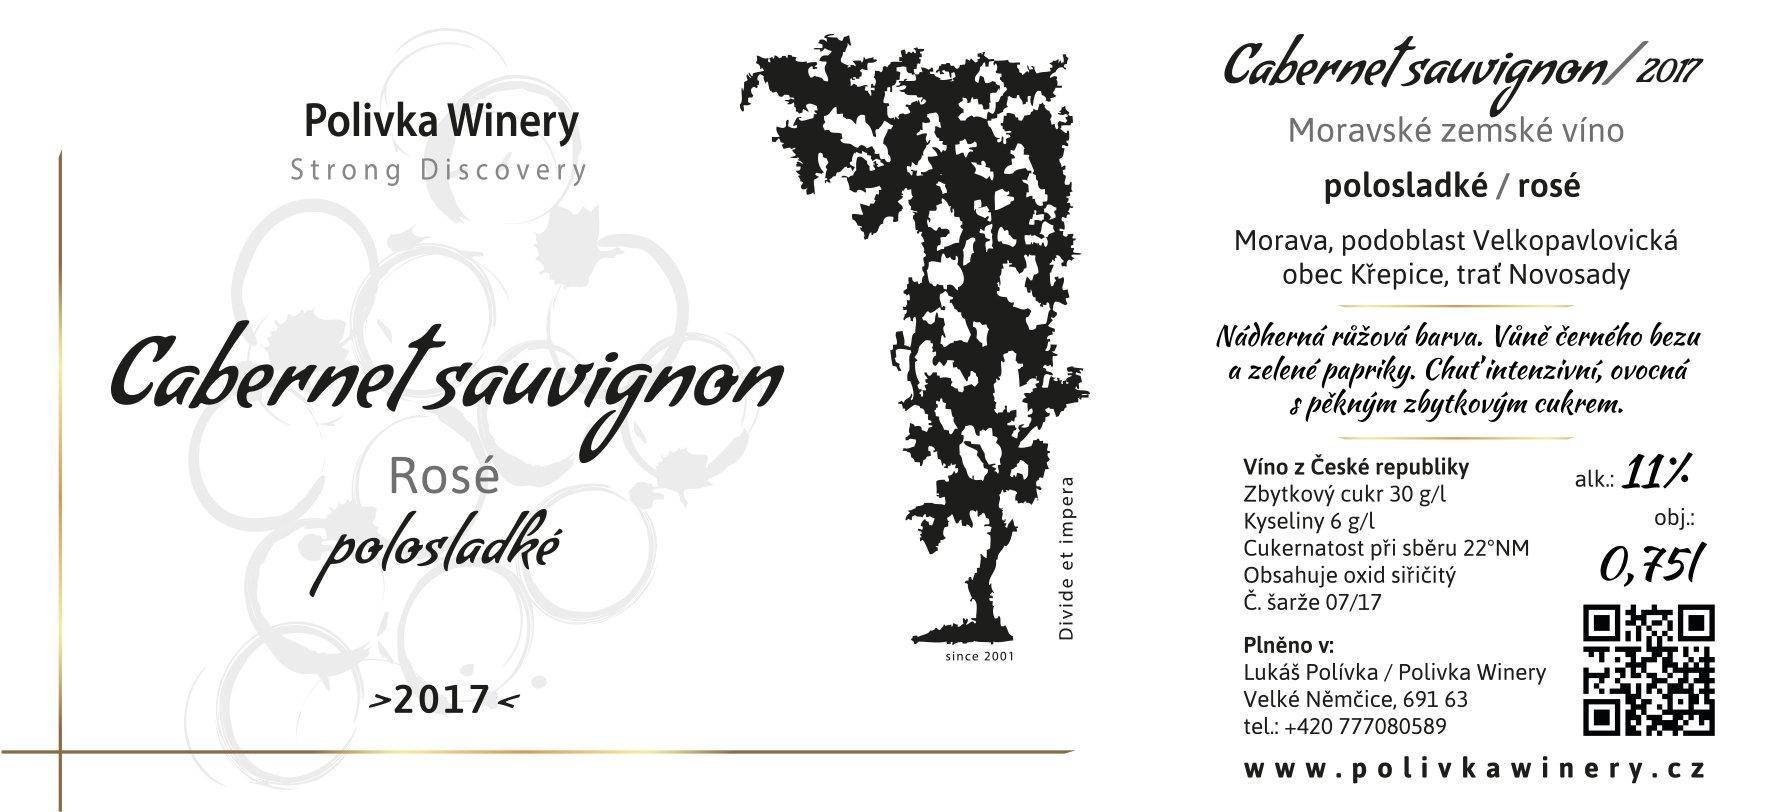 Polivka Winery - Cabernet Sauvignon Rosé - Zemské víno 2017 - 0,75l